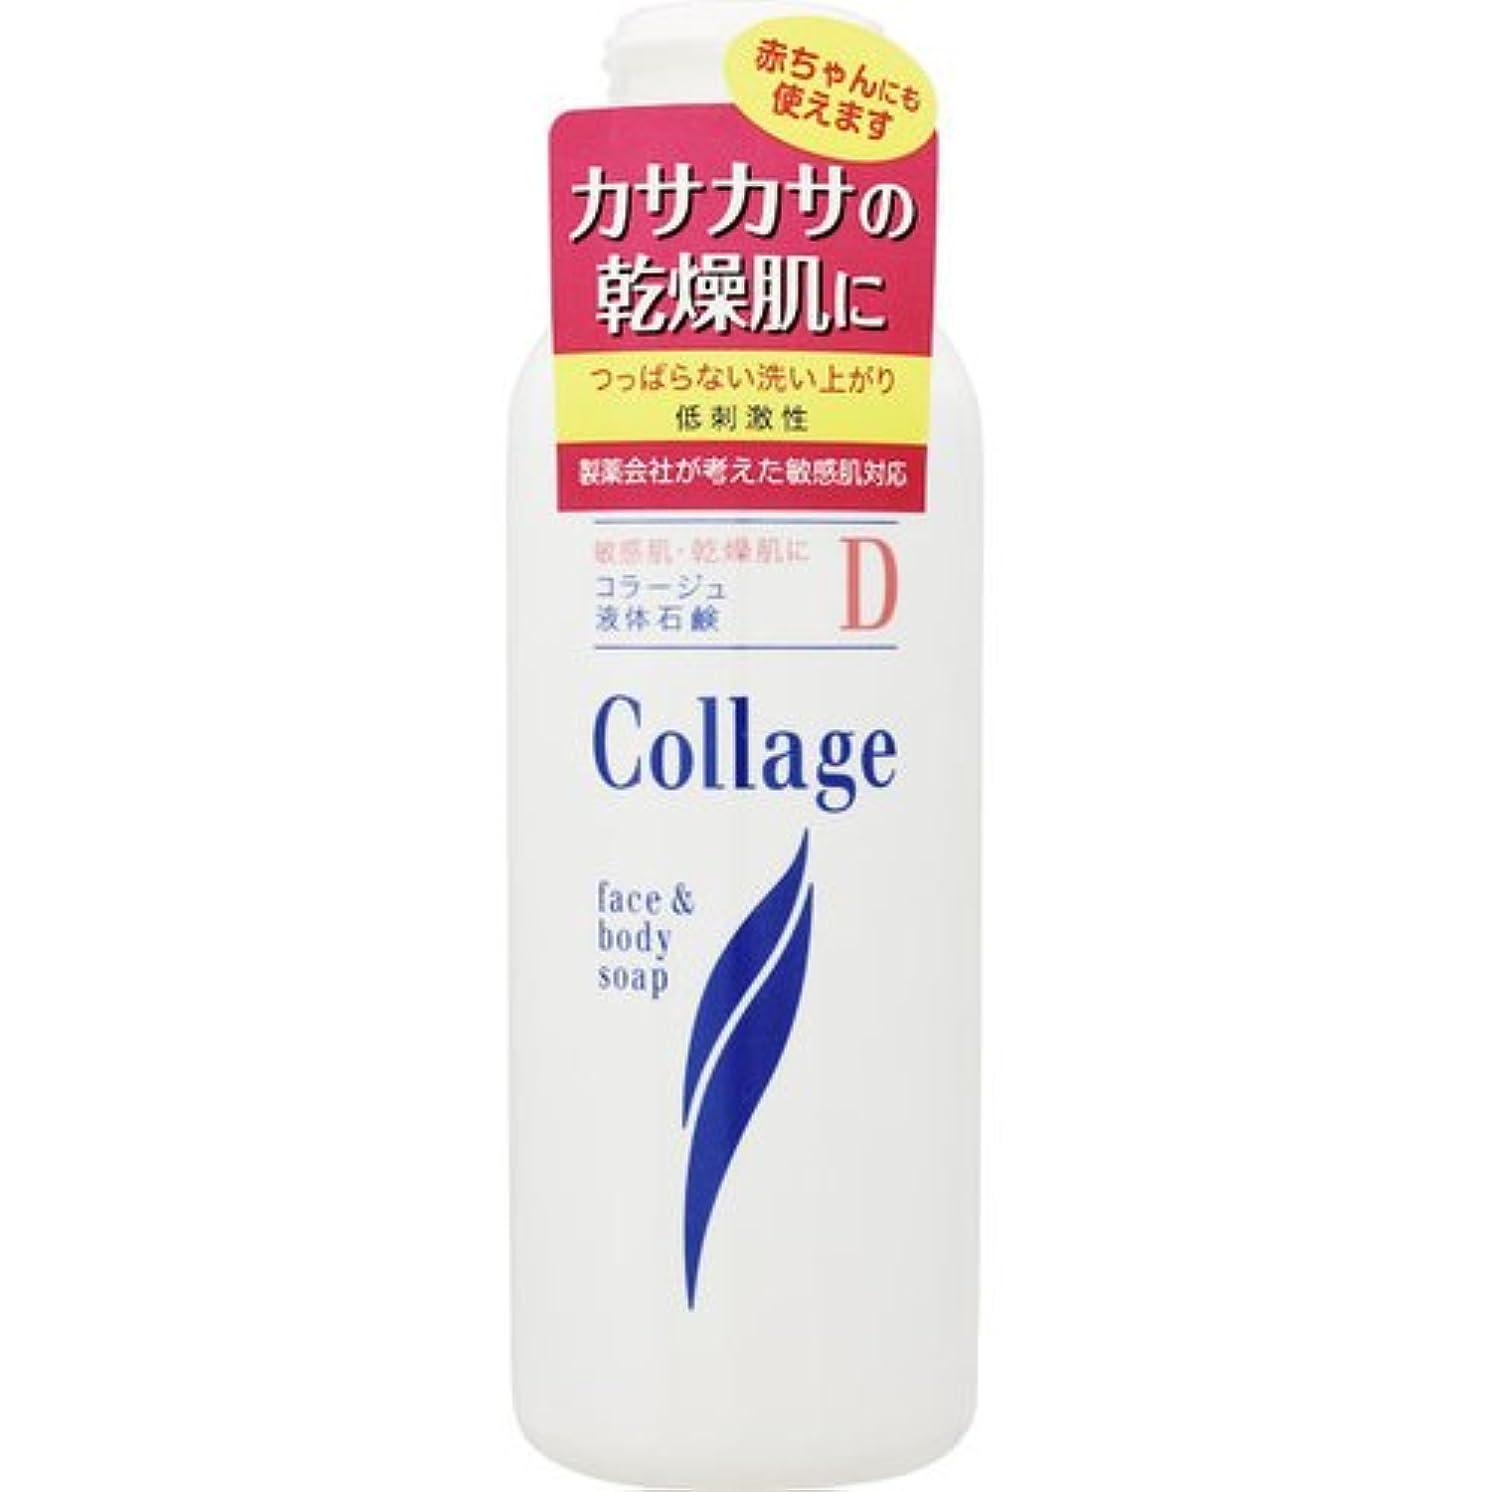 東ストリームバレエ持田ヘルスケア コラージュD液体石鹸 (200mL) 敏感肌 液体洗顔料 コラージュ